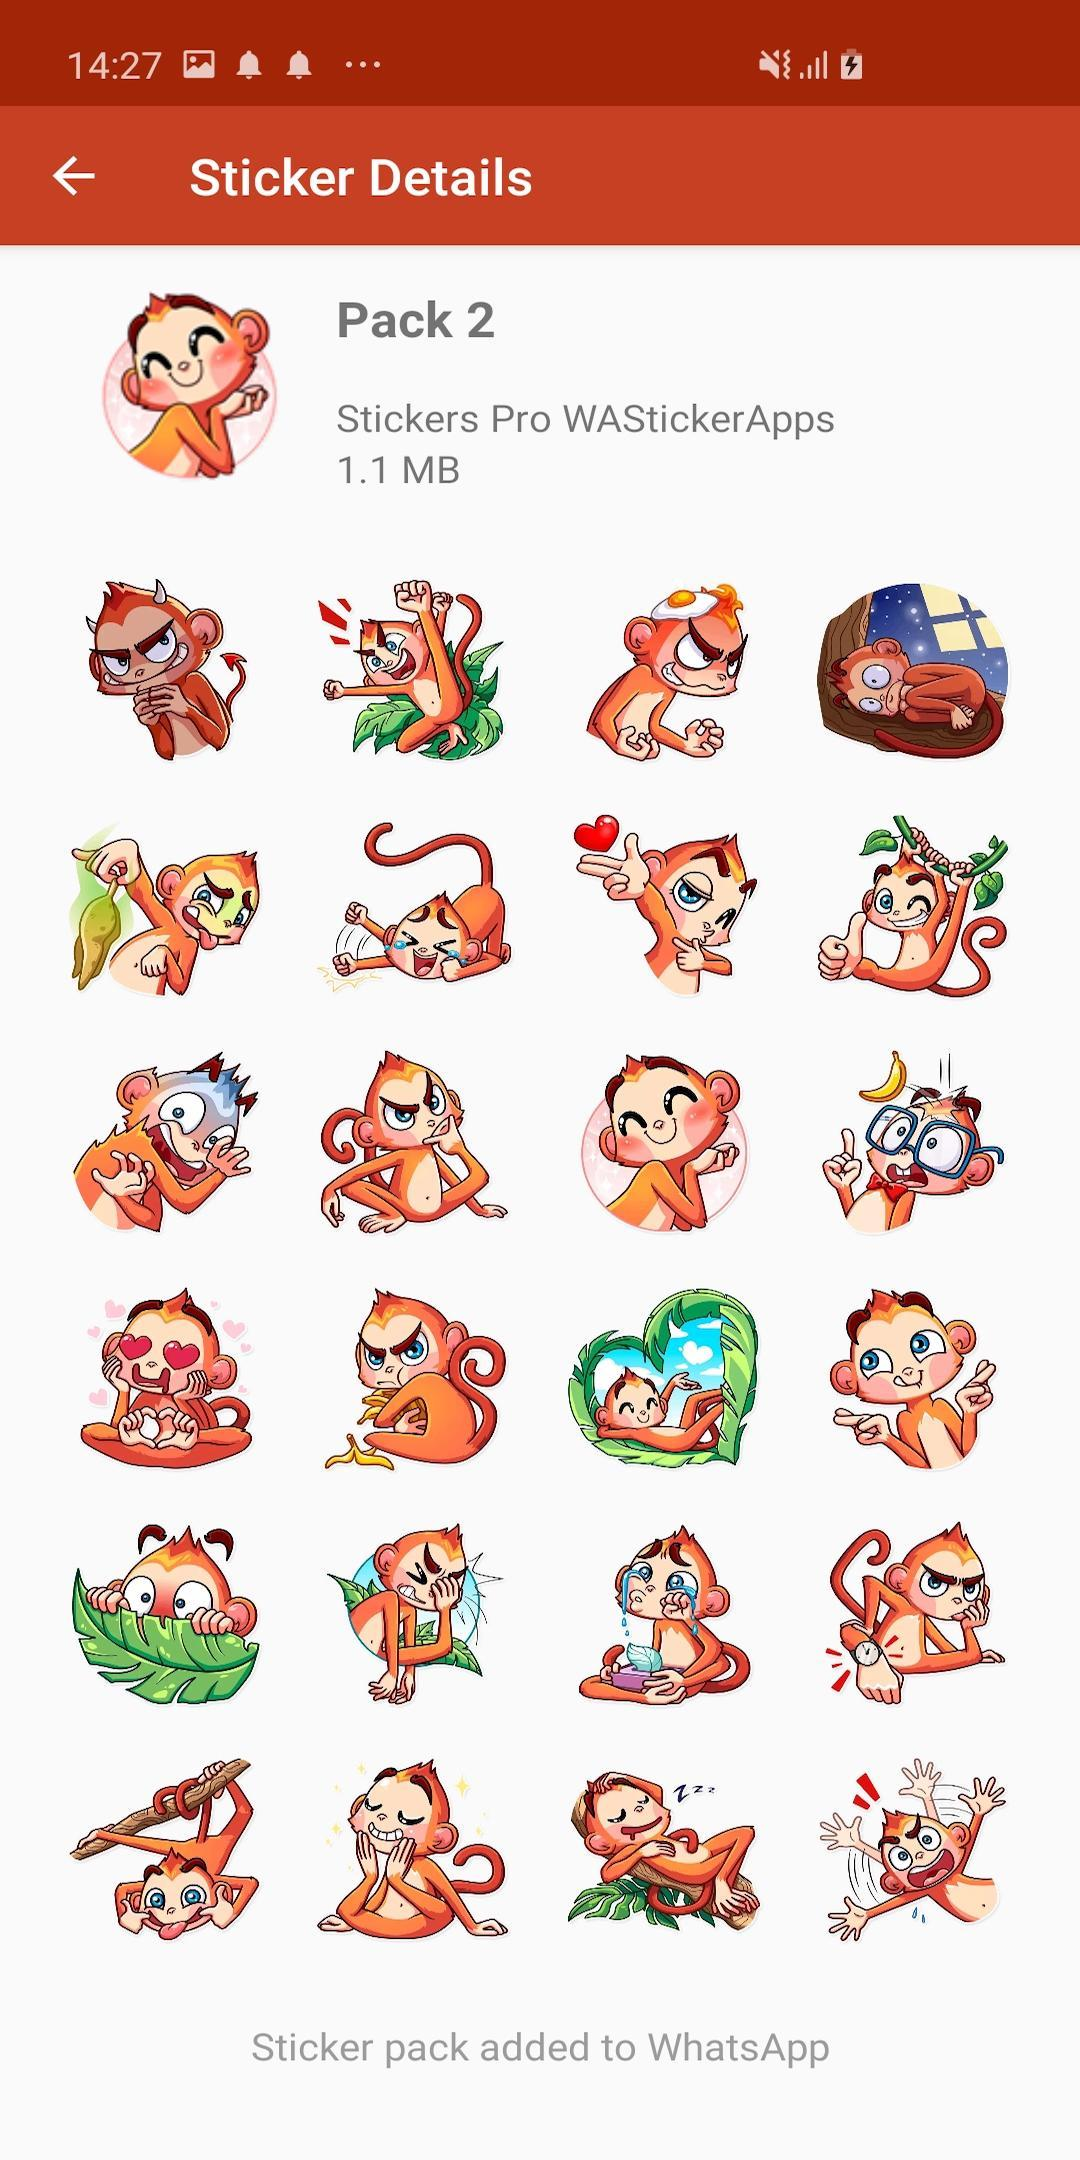 Android Icin Yeni Komik Maymunlar Cikartmalar Wastickerapps Apk Yi Indir